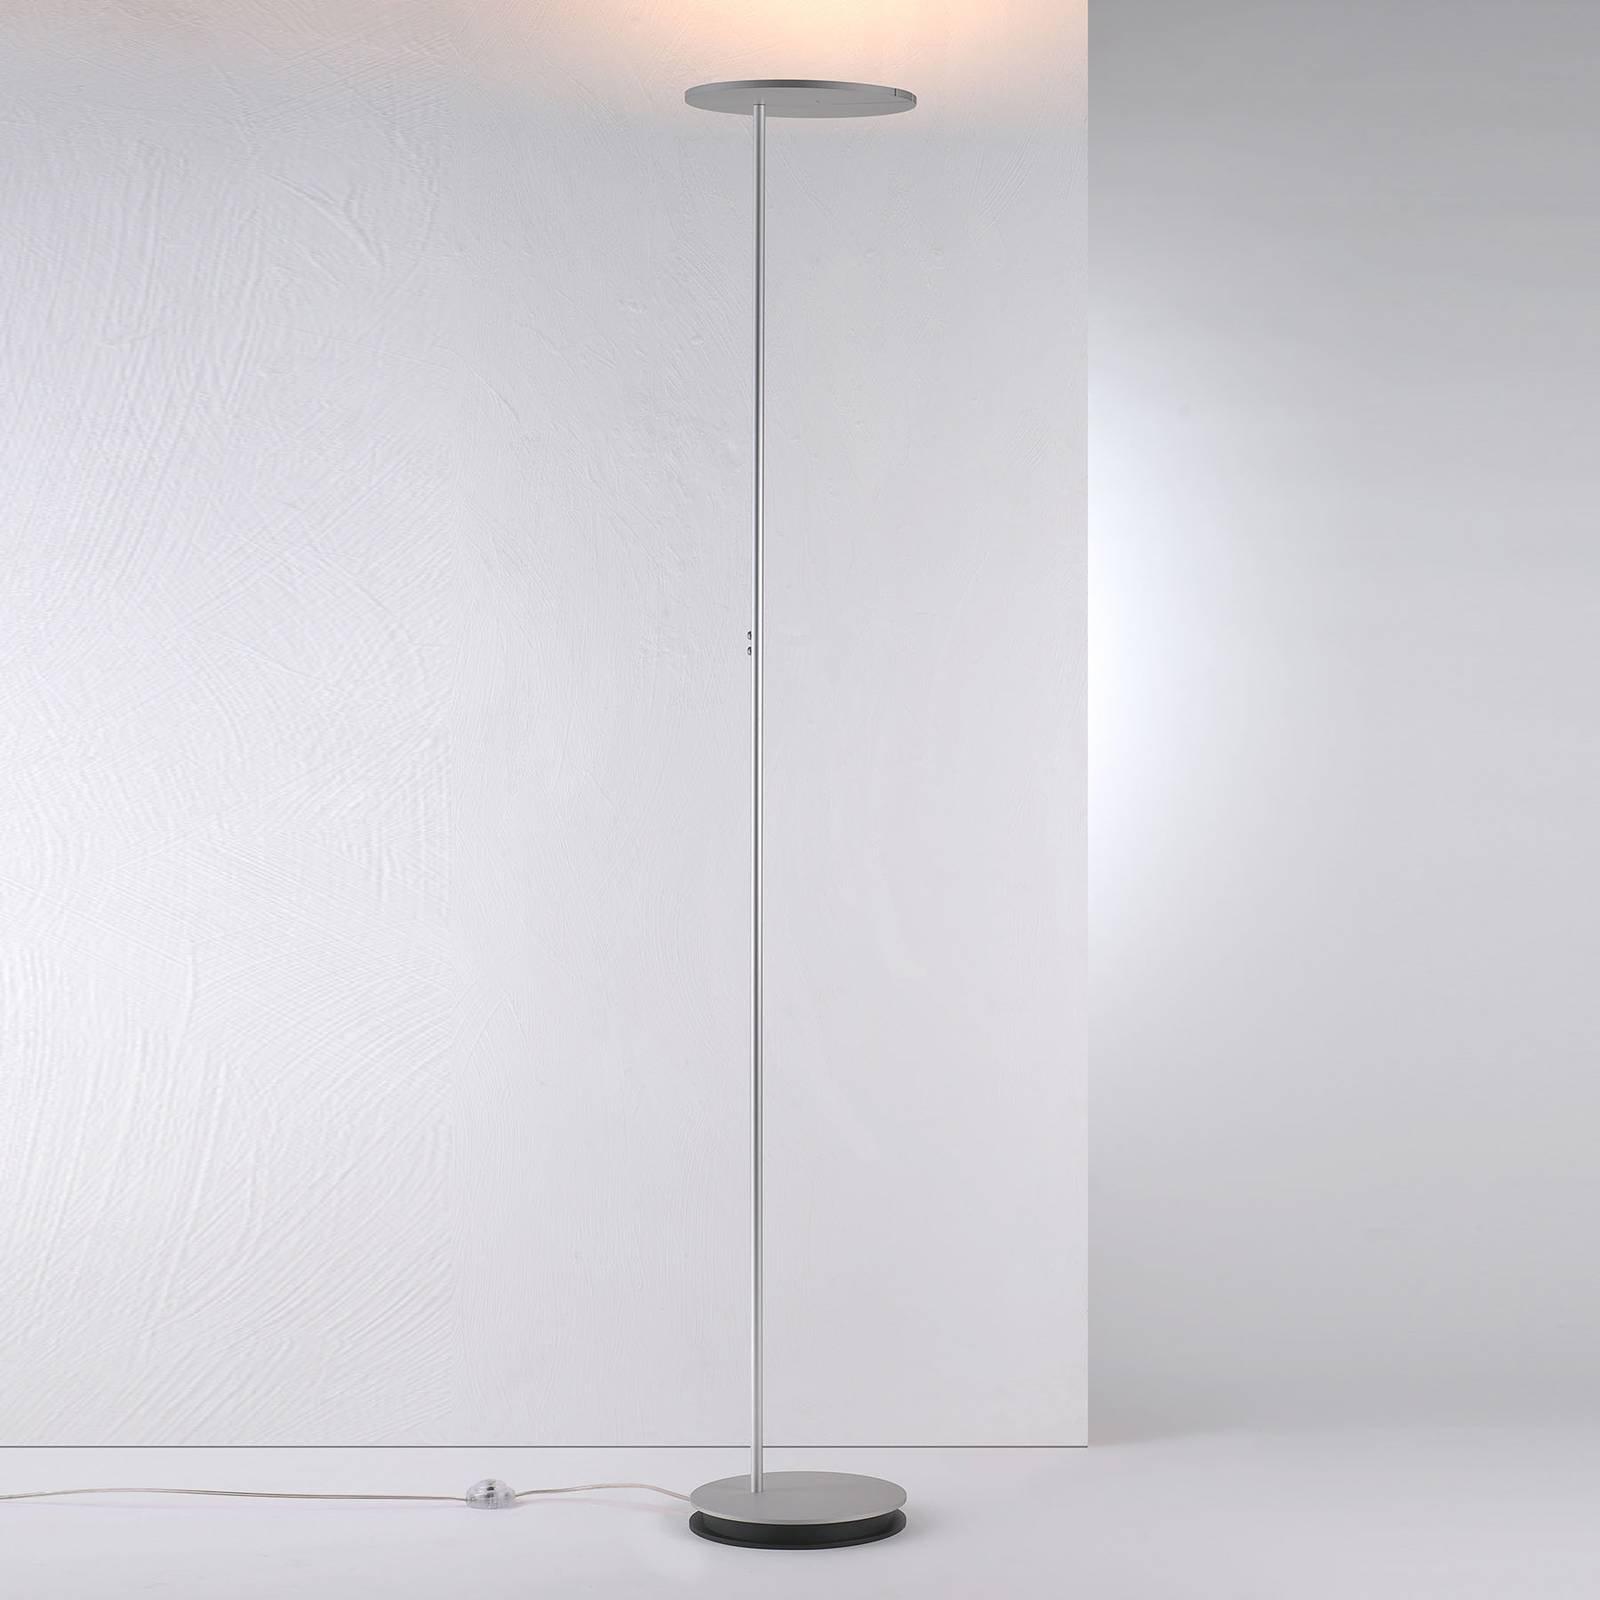 Bopp Share LED-uplight med leselampe, alu